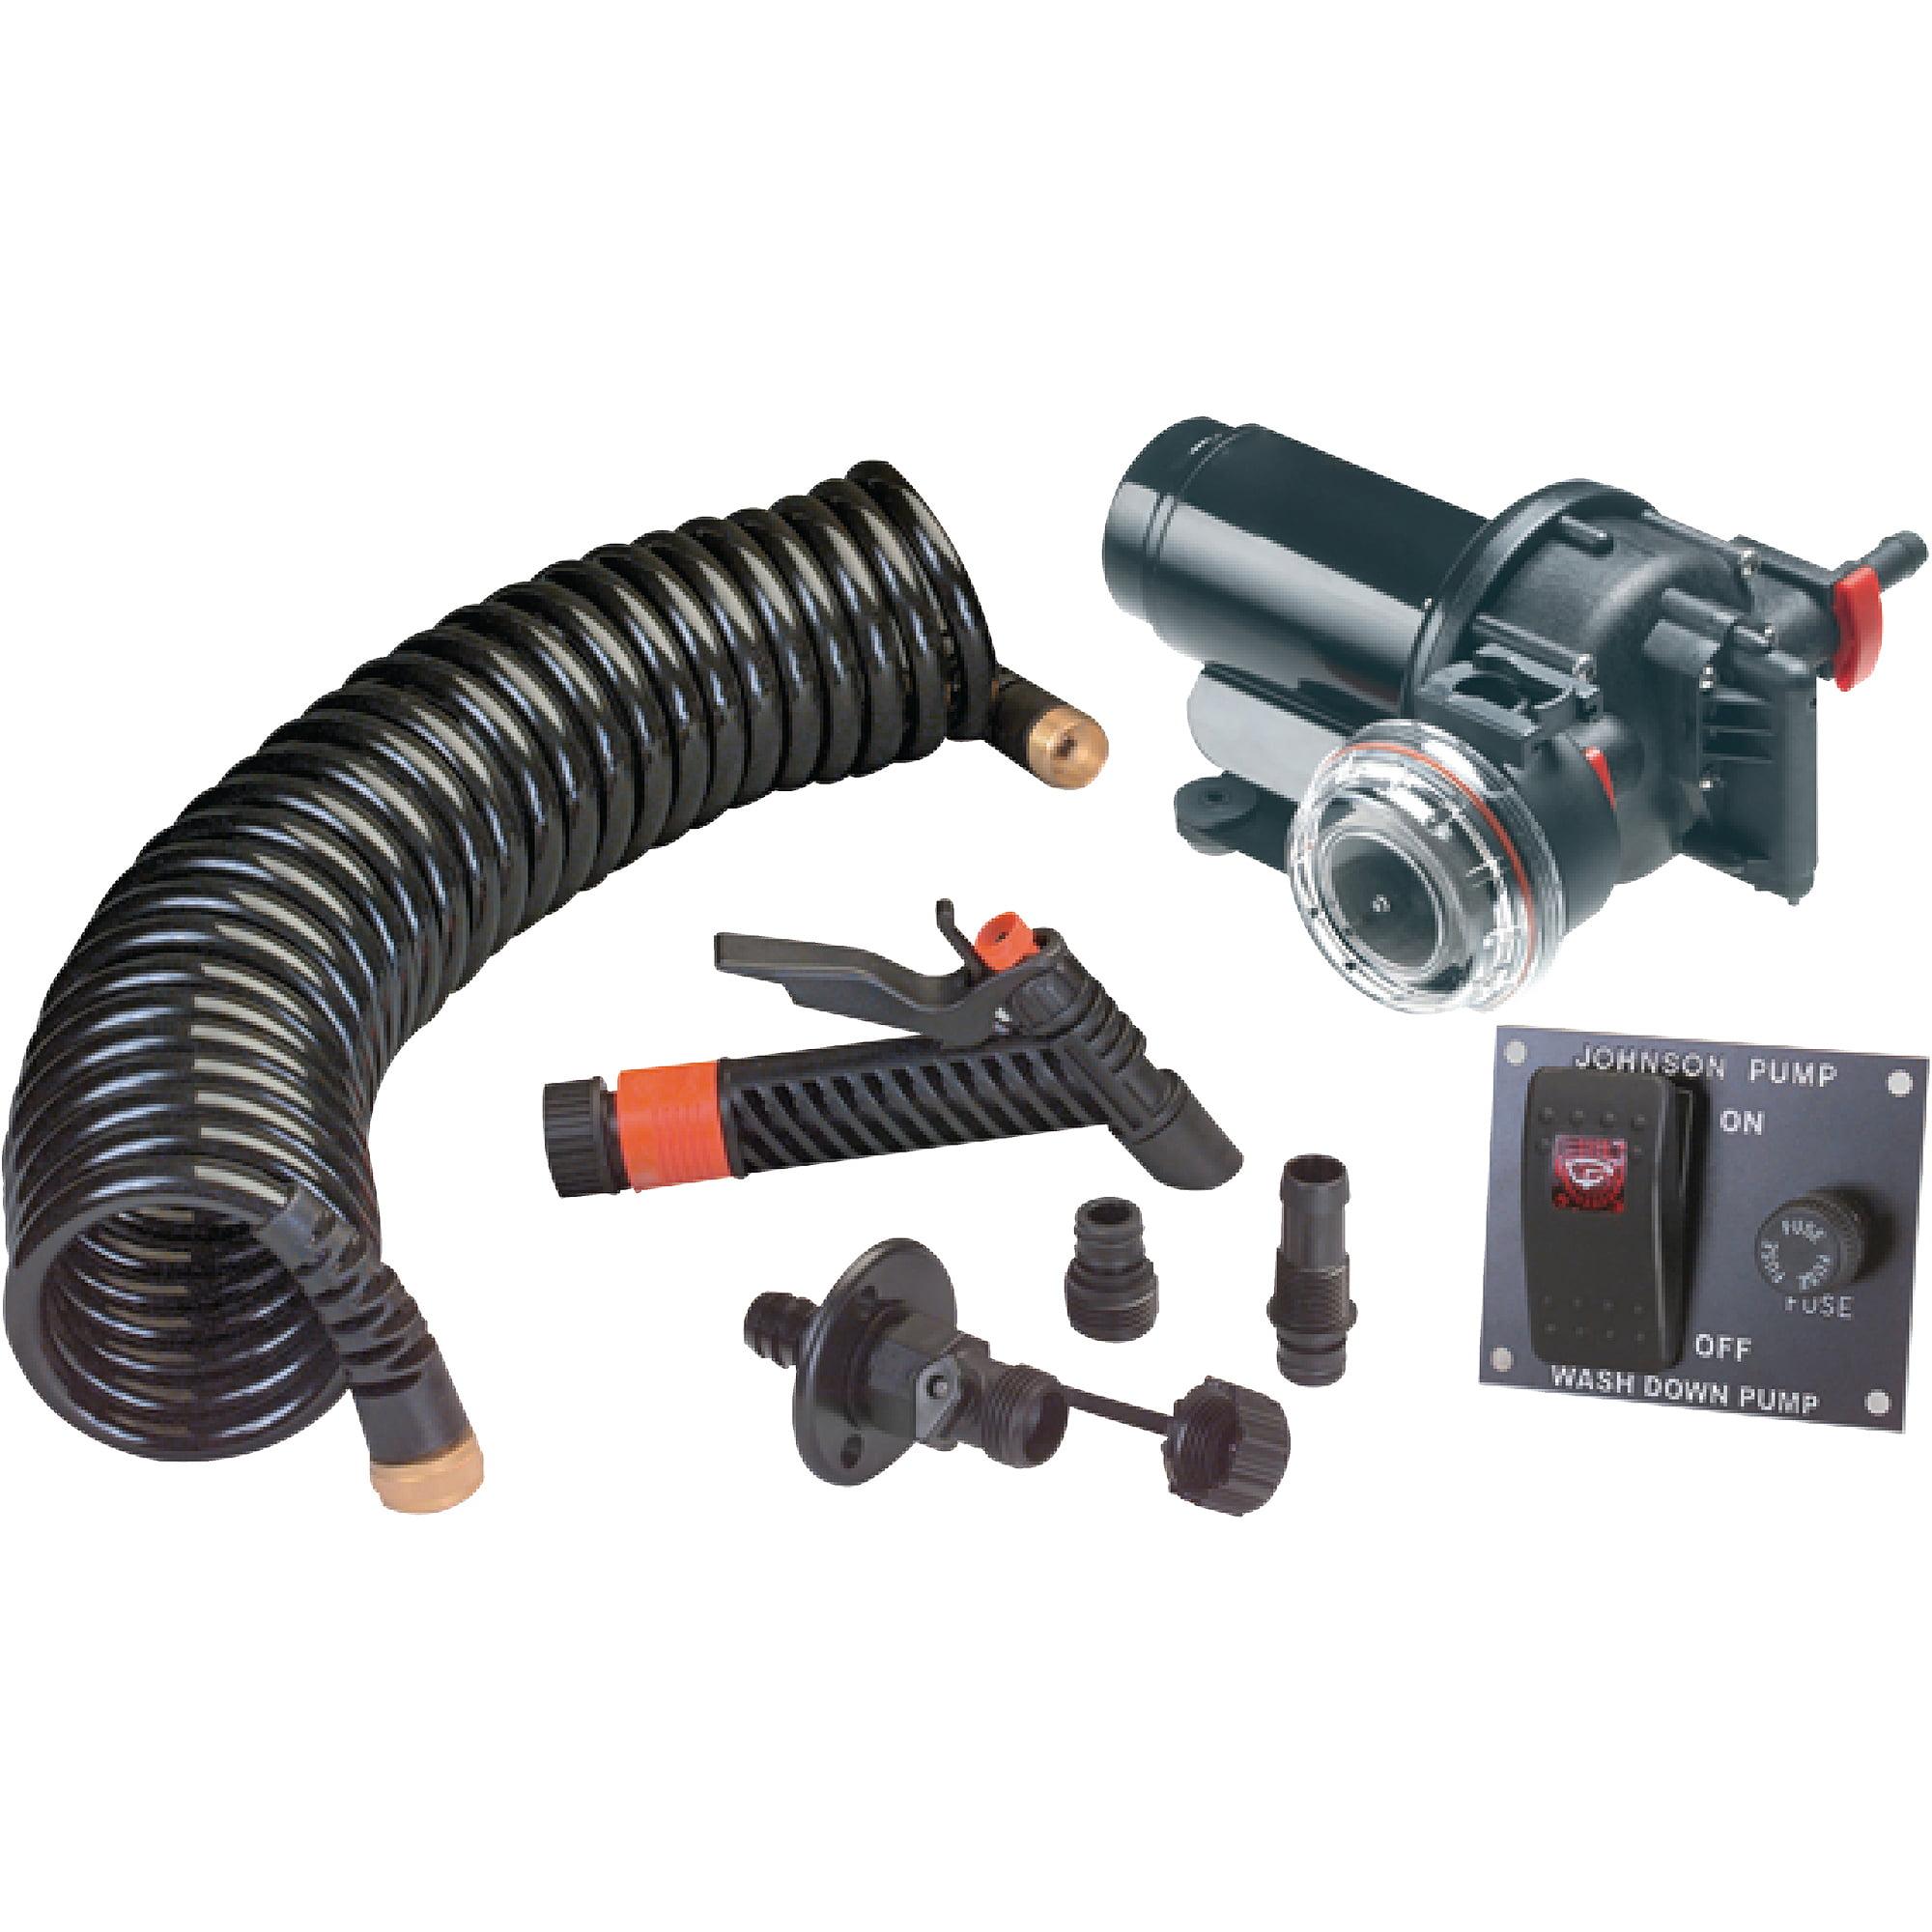 Seachoice 12V Wash Down Pump Kit